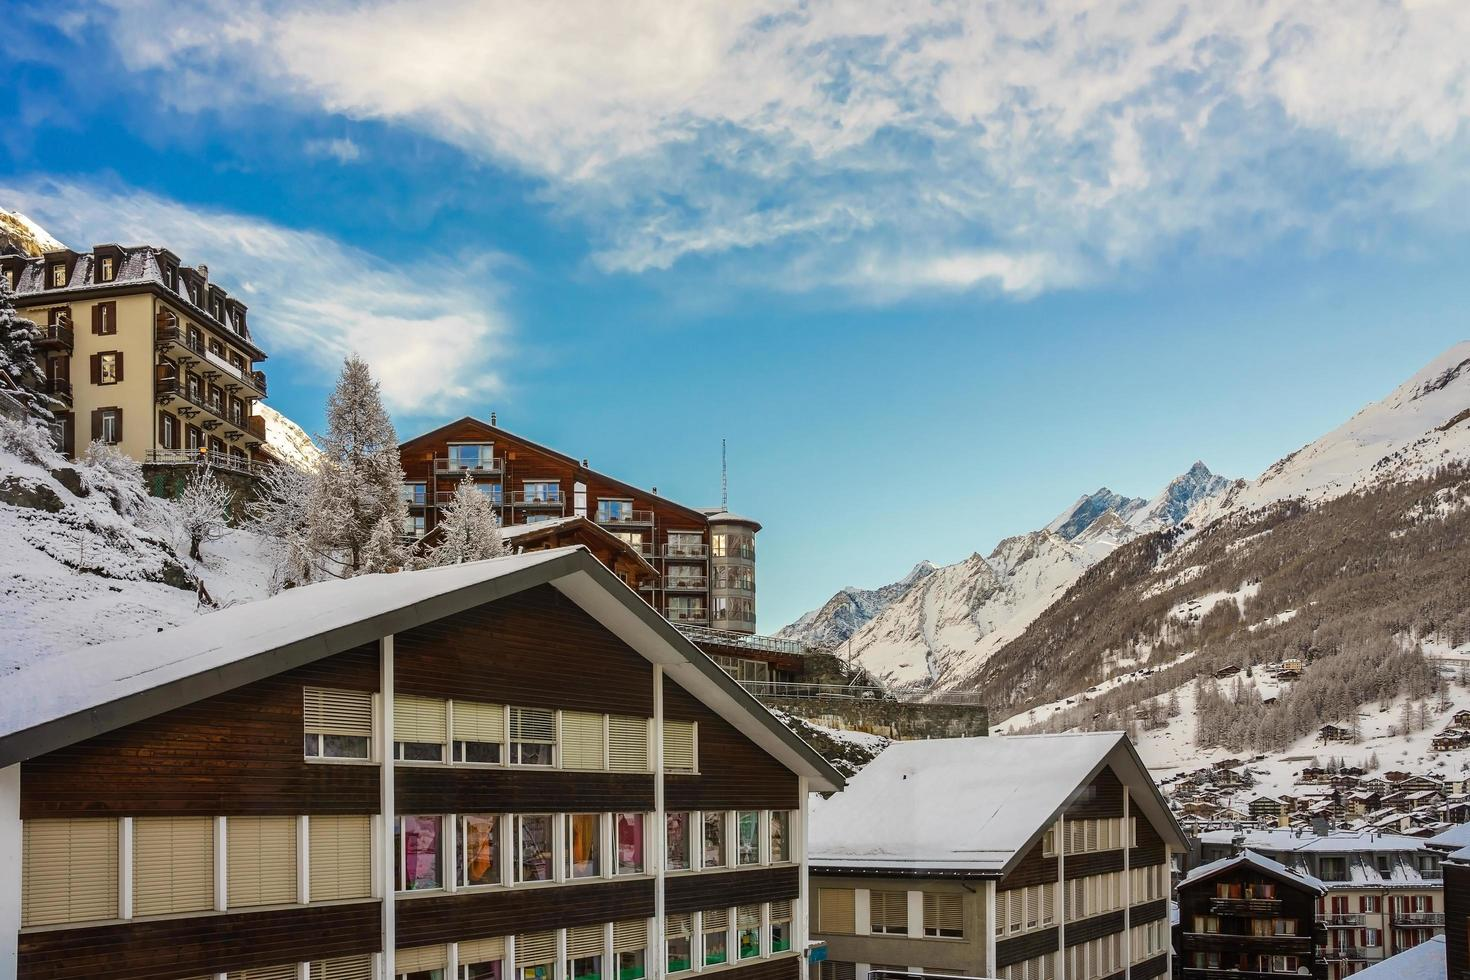 Häuser von Zermatt mit Schnee bedeckt in der Schweiz foto